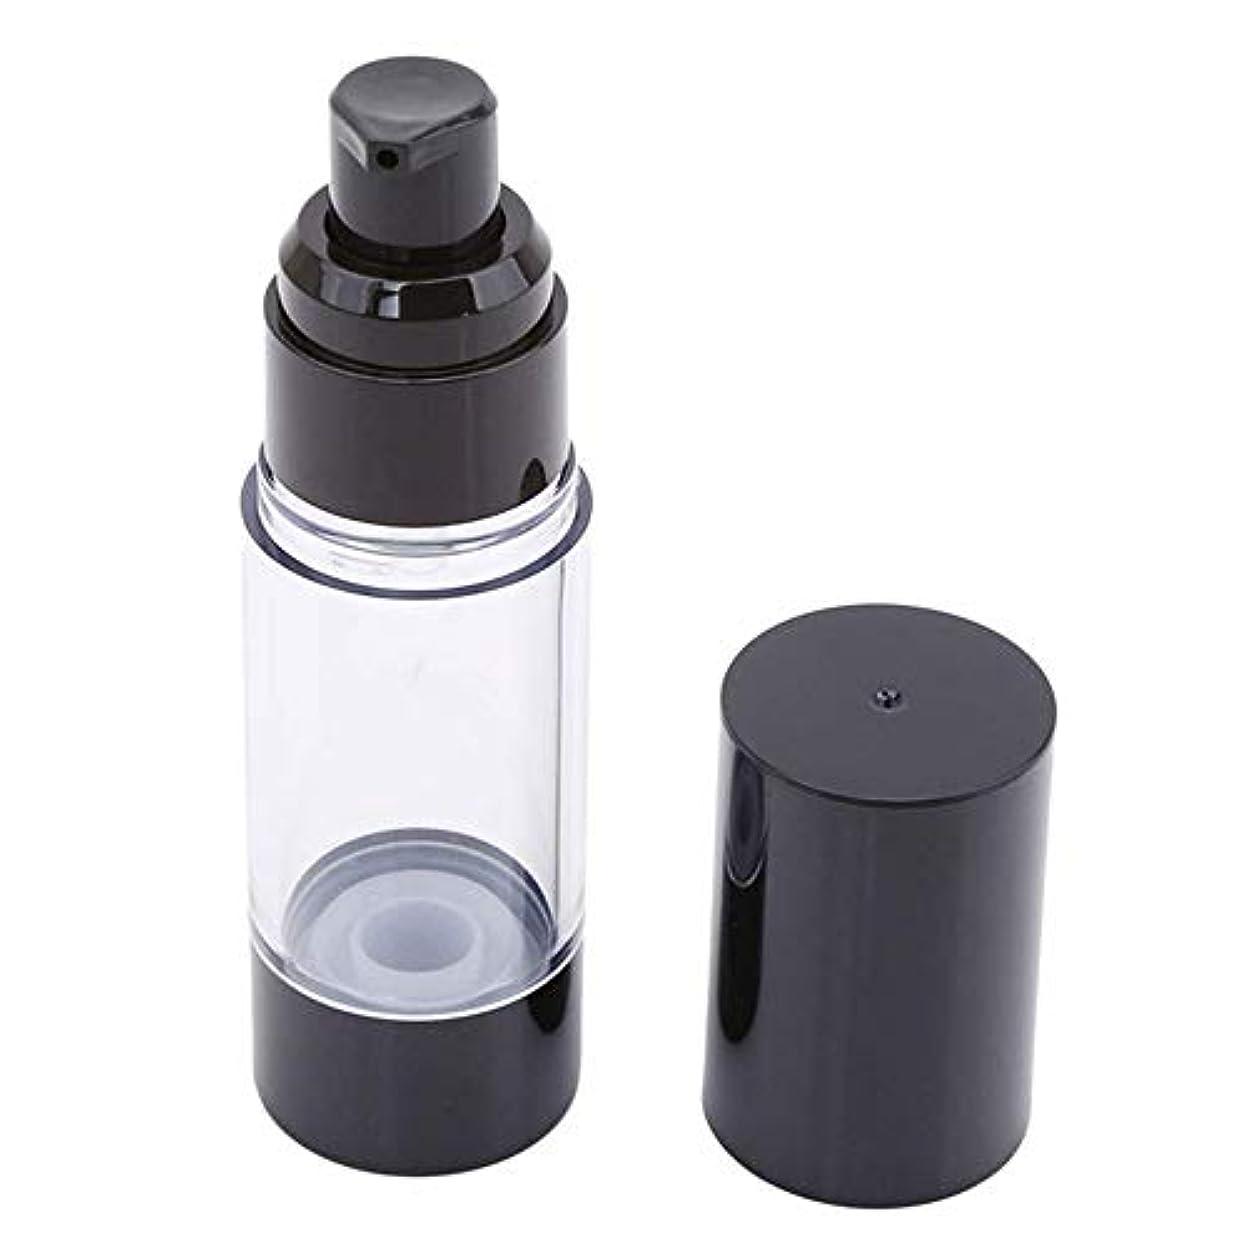 収縮アクセス見通し1st market クリエイティブポータブルエアレスボトルトラベル化粧品エマルジョン空収納コンテナ30ミリリットル